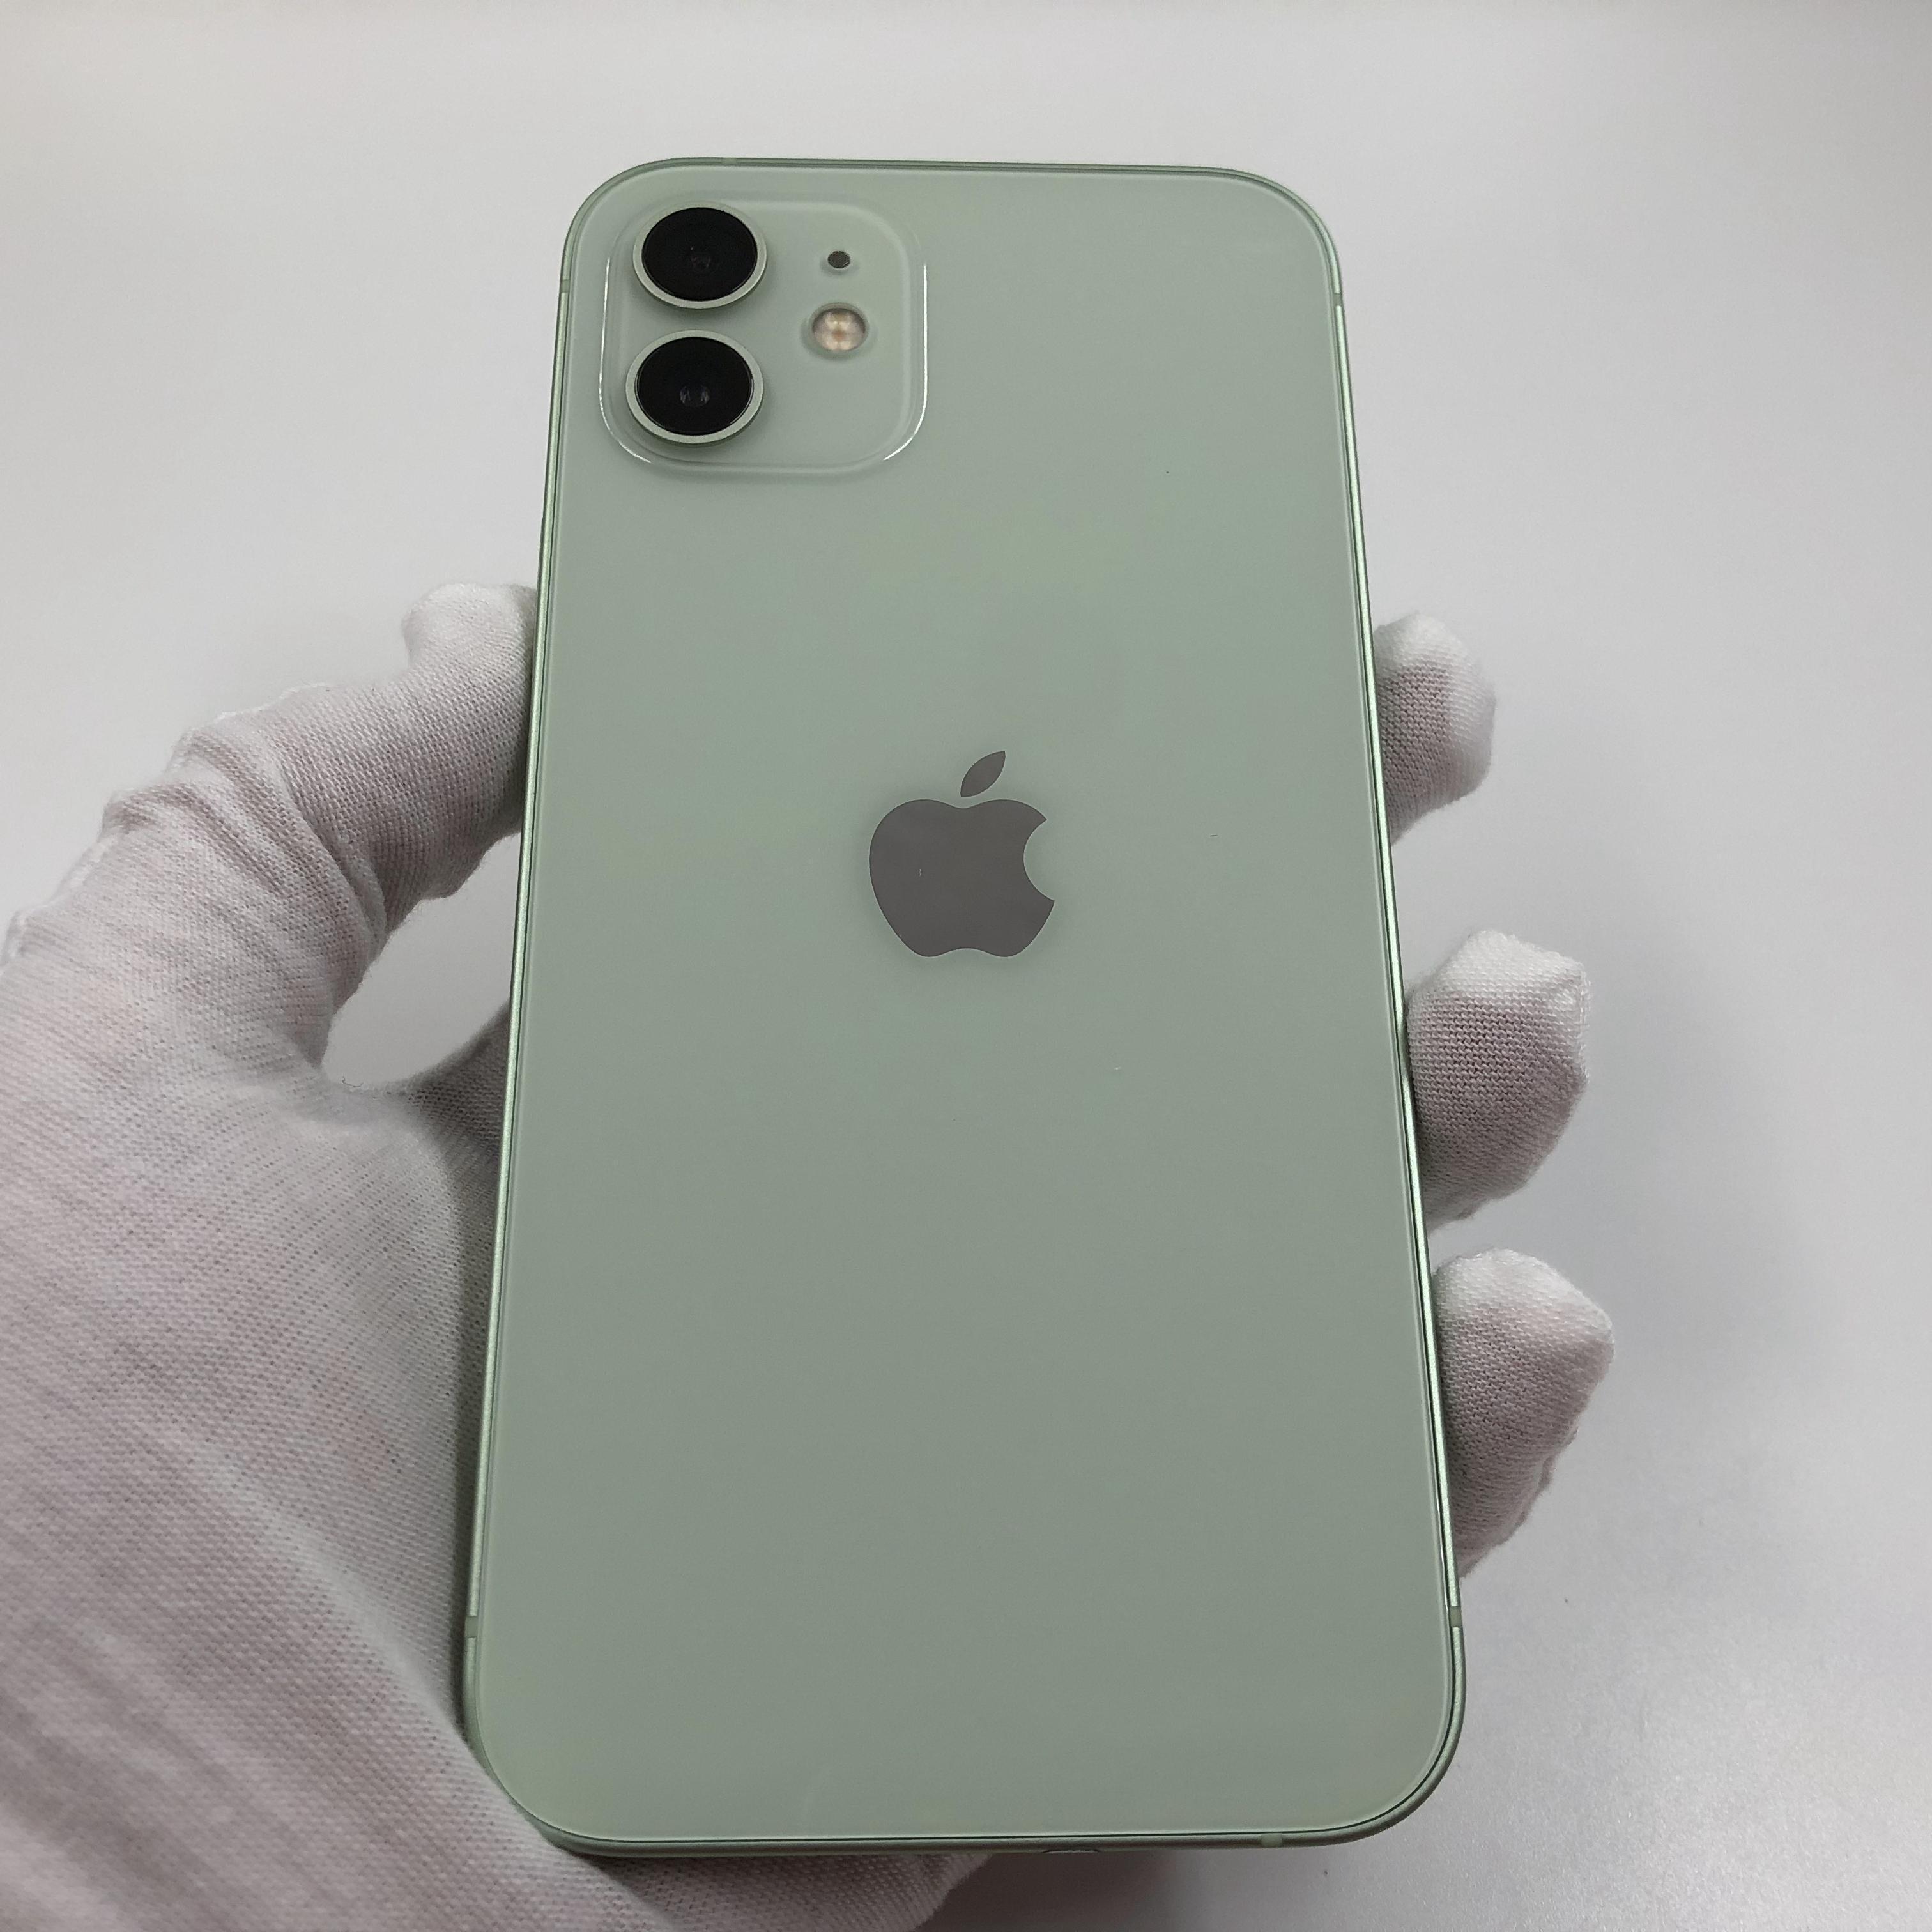 苹果【iPhone 12】5G全网通 绿色 128G 国行 99新 真机实拍官保2021-11-01